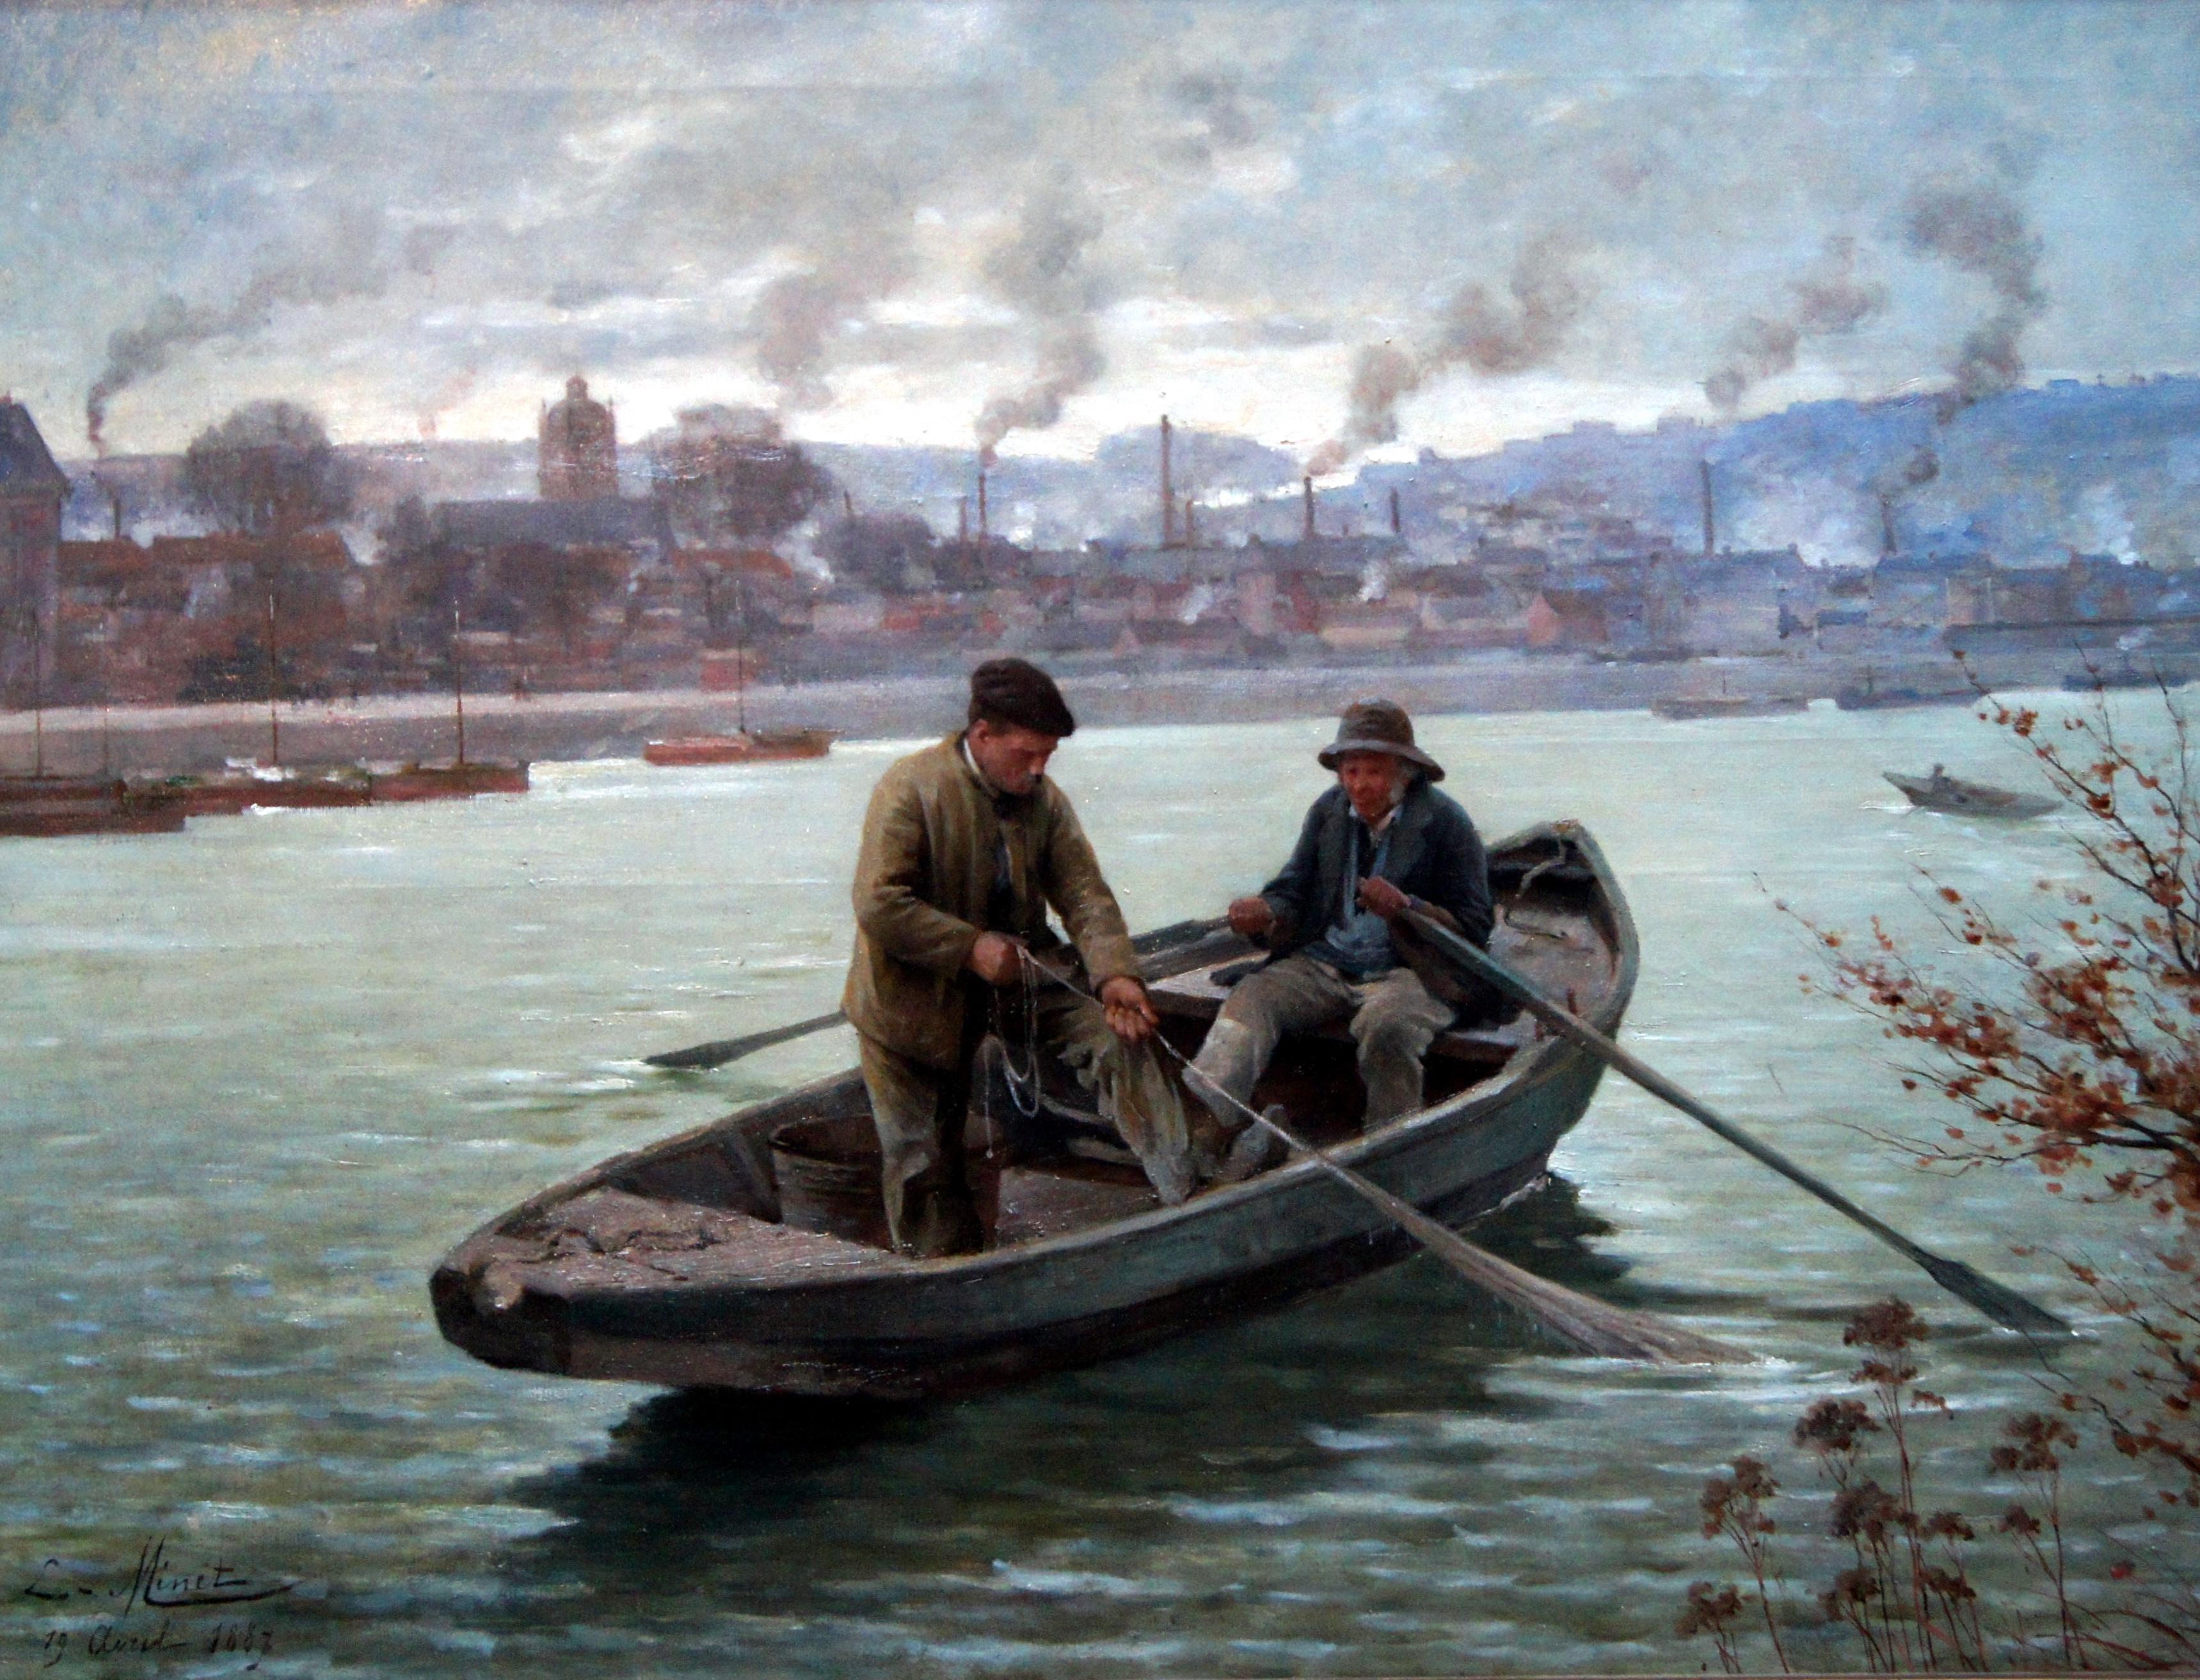 Télécharger la pêche russe à iso